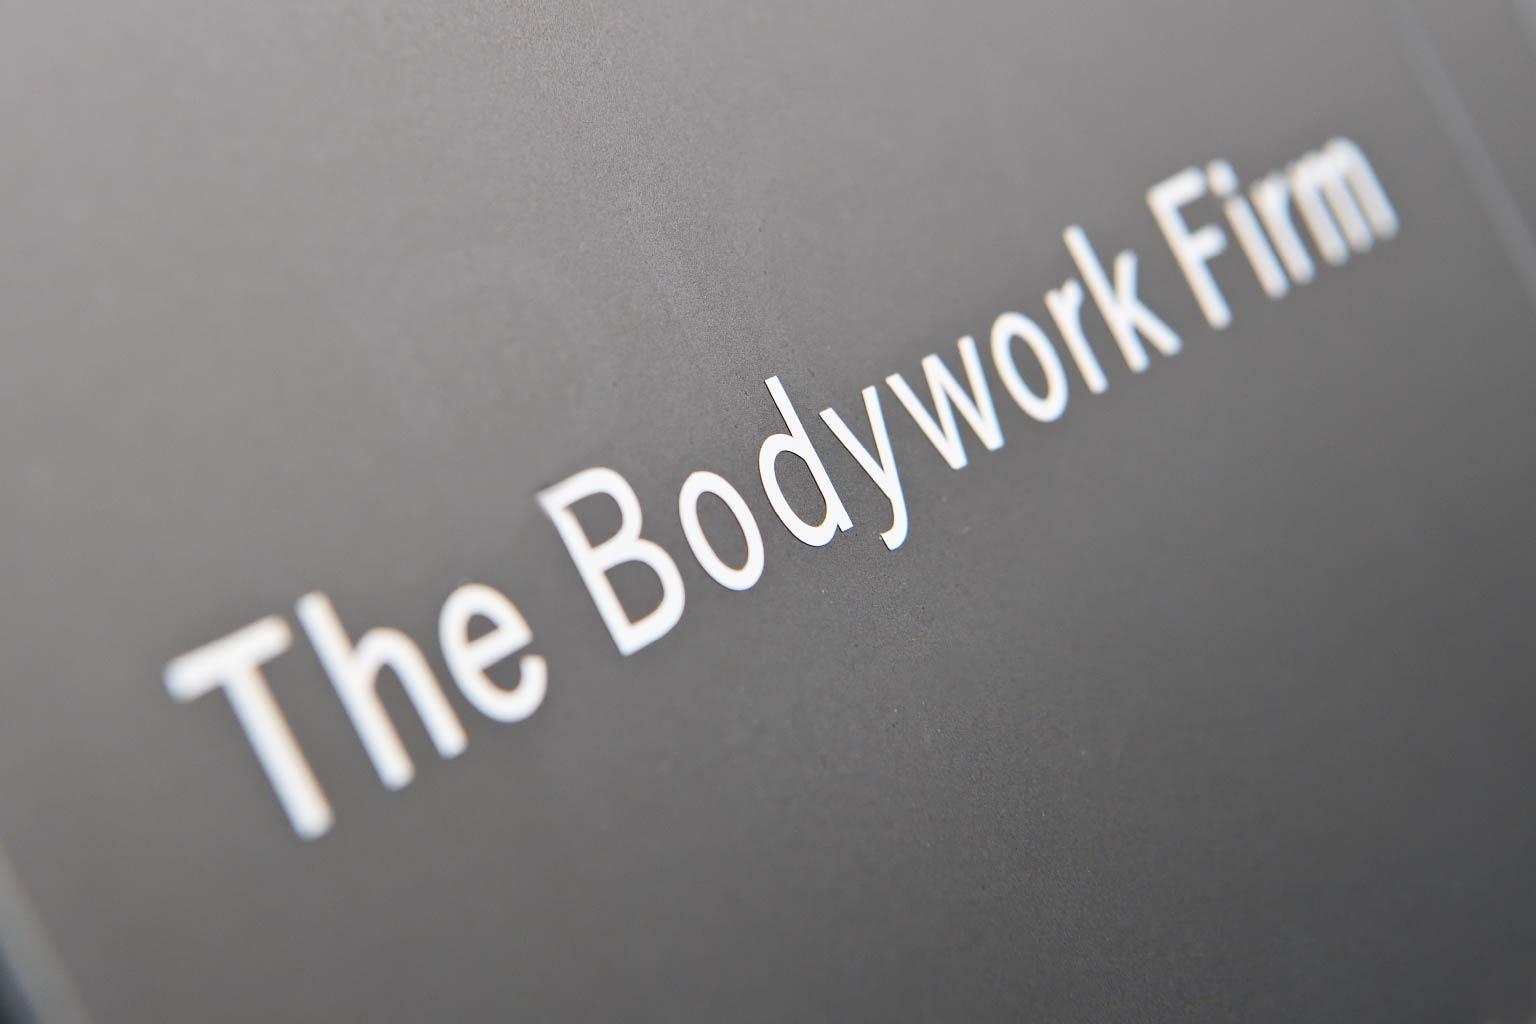 パーソナルセッションスペース The Bodywork Firm